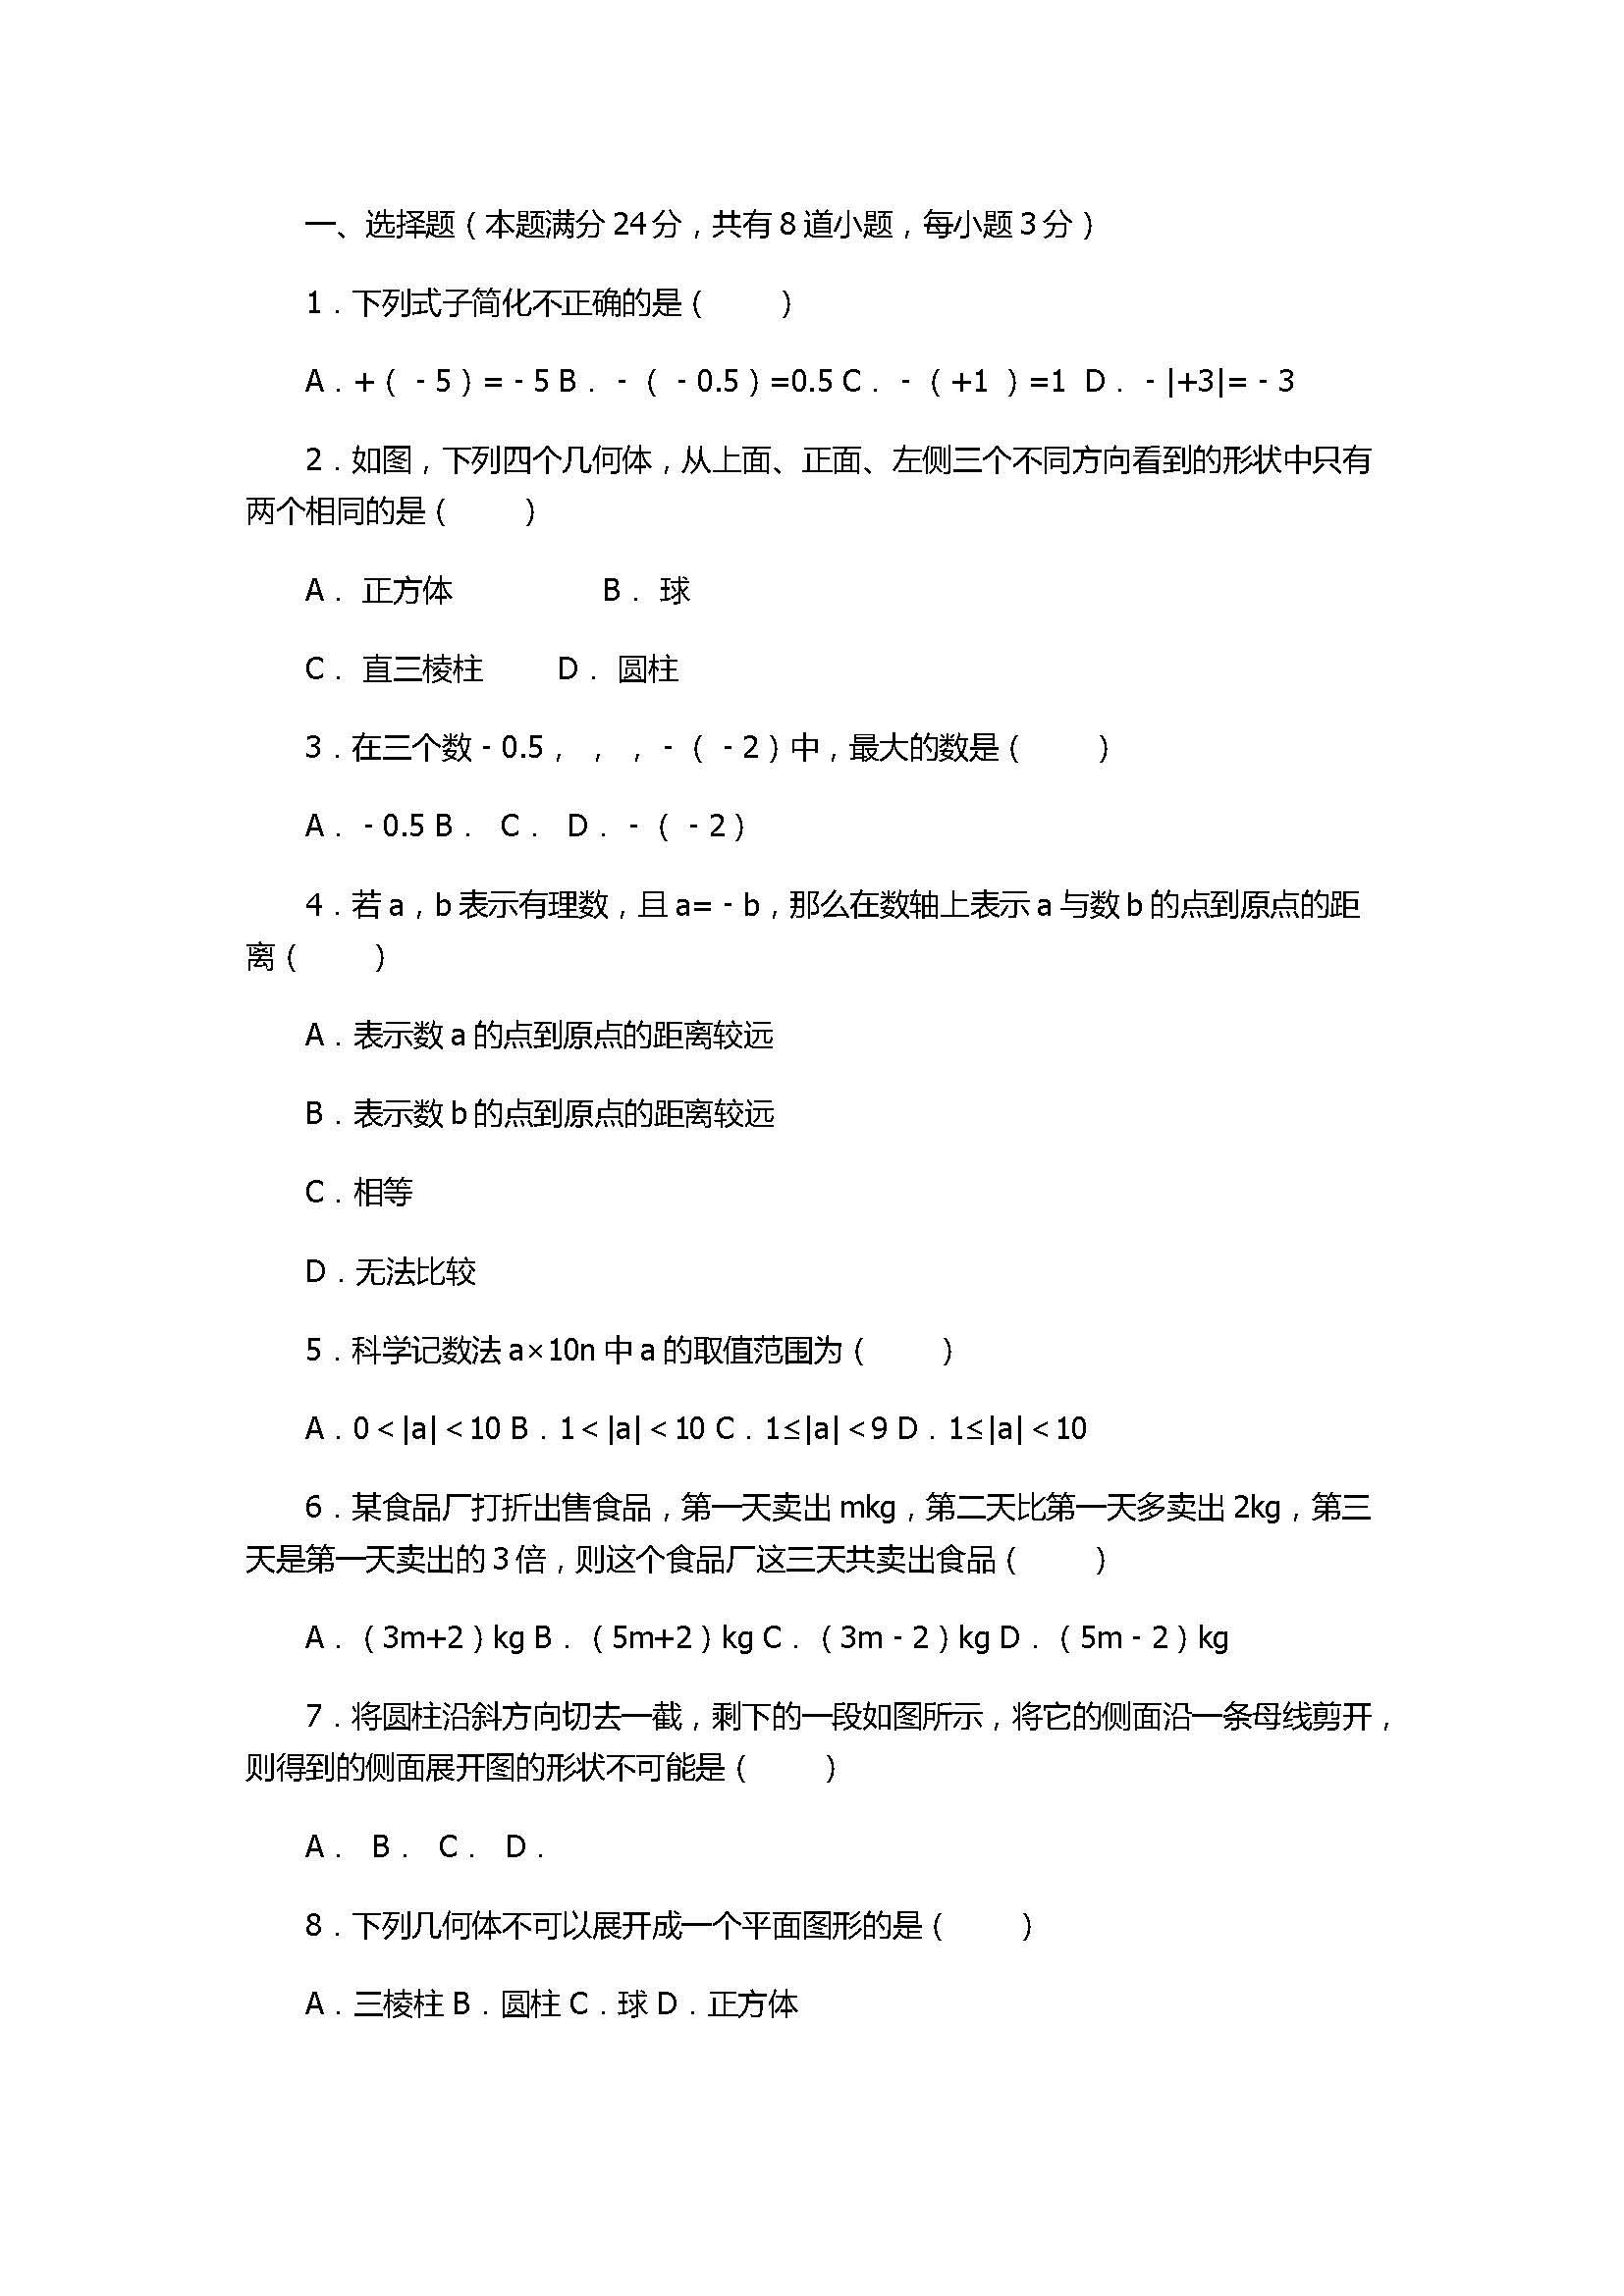 2017七年级数学上册月考测试卷含答案和解释(山东省惠民县)